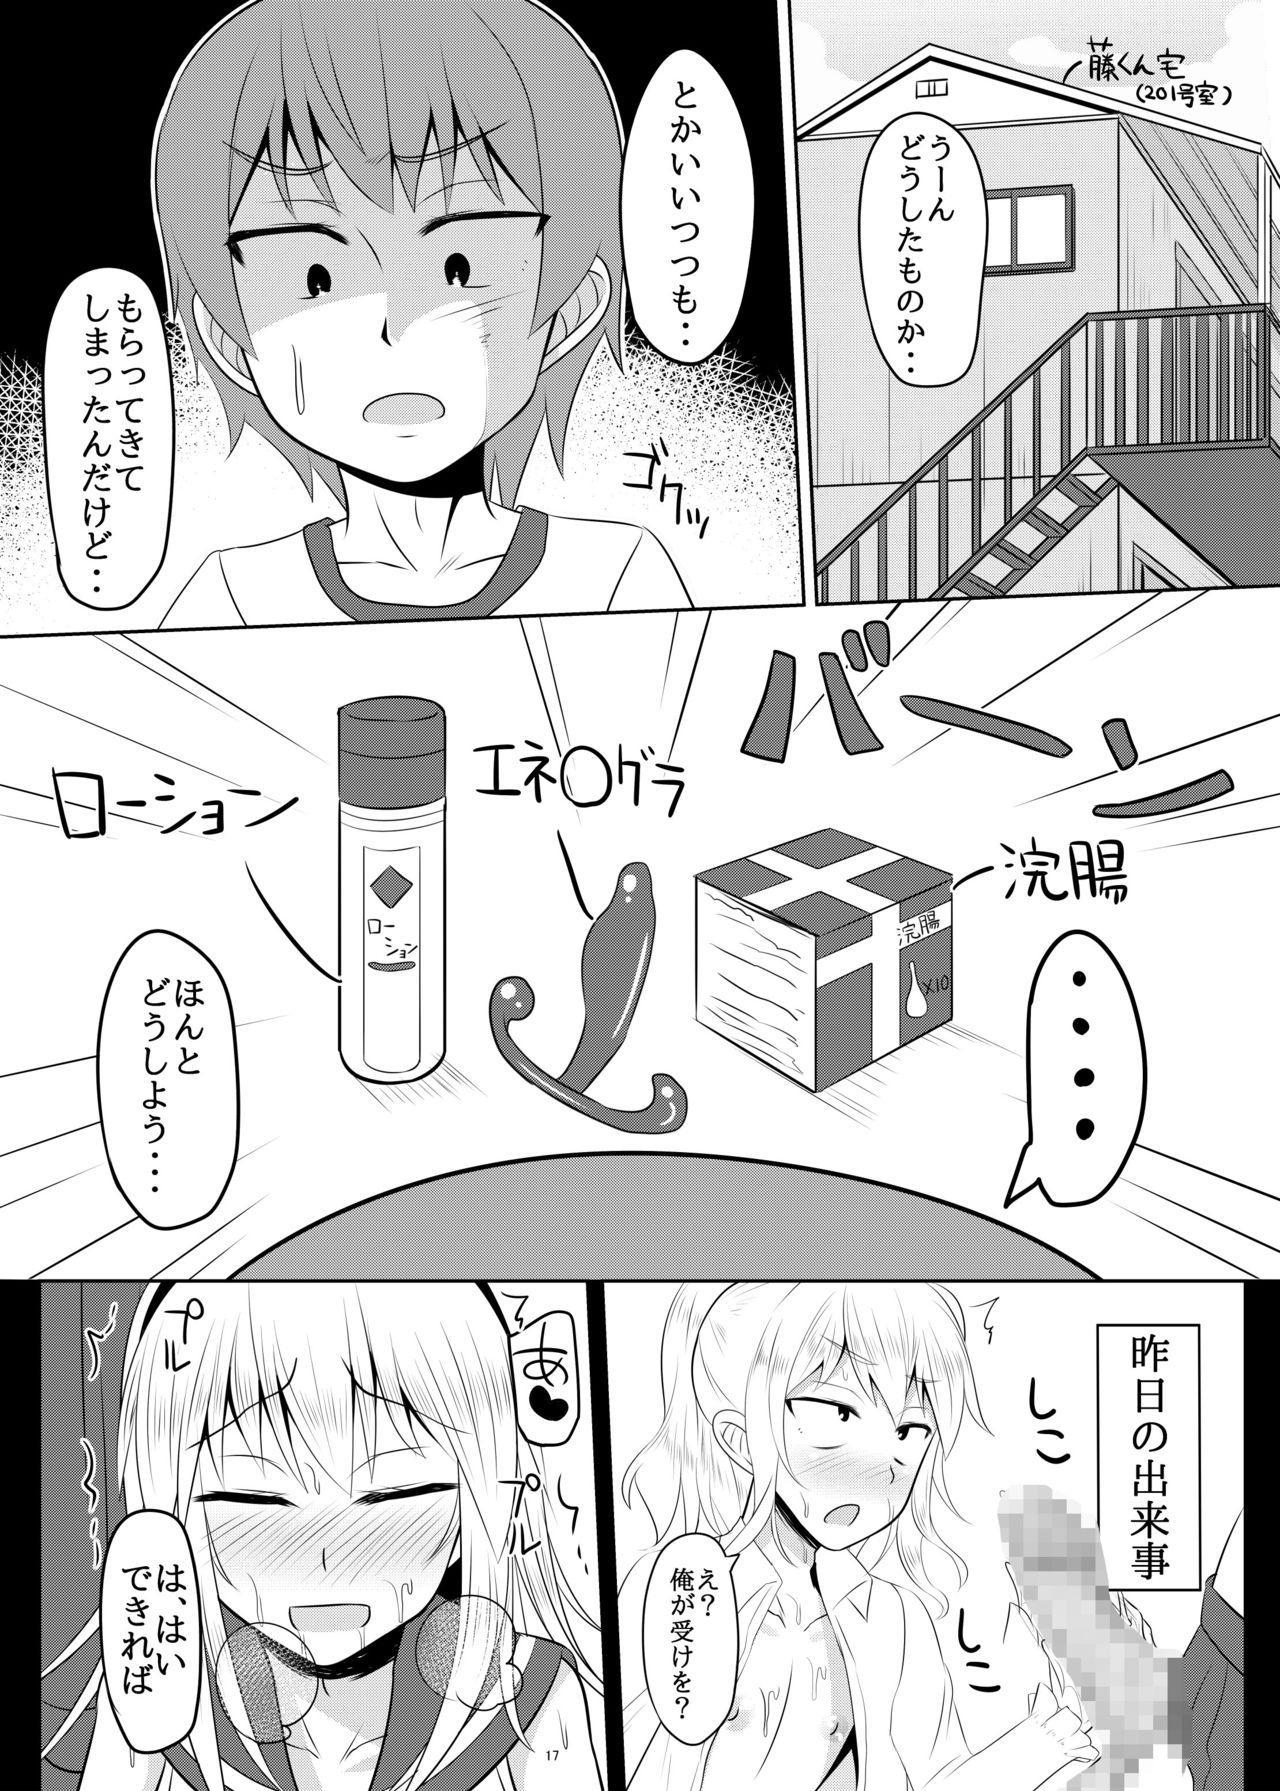 Seiyoku no Sugoi Otokonoko to Tsukiau Koto ni Natta Kekka w 15